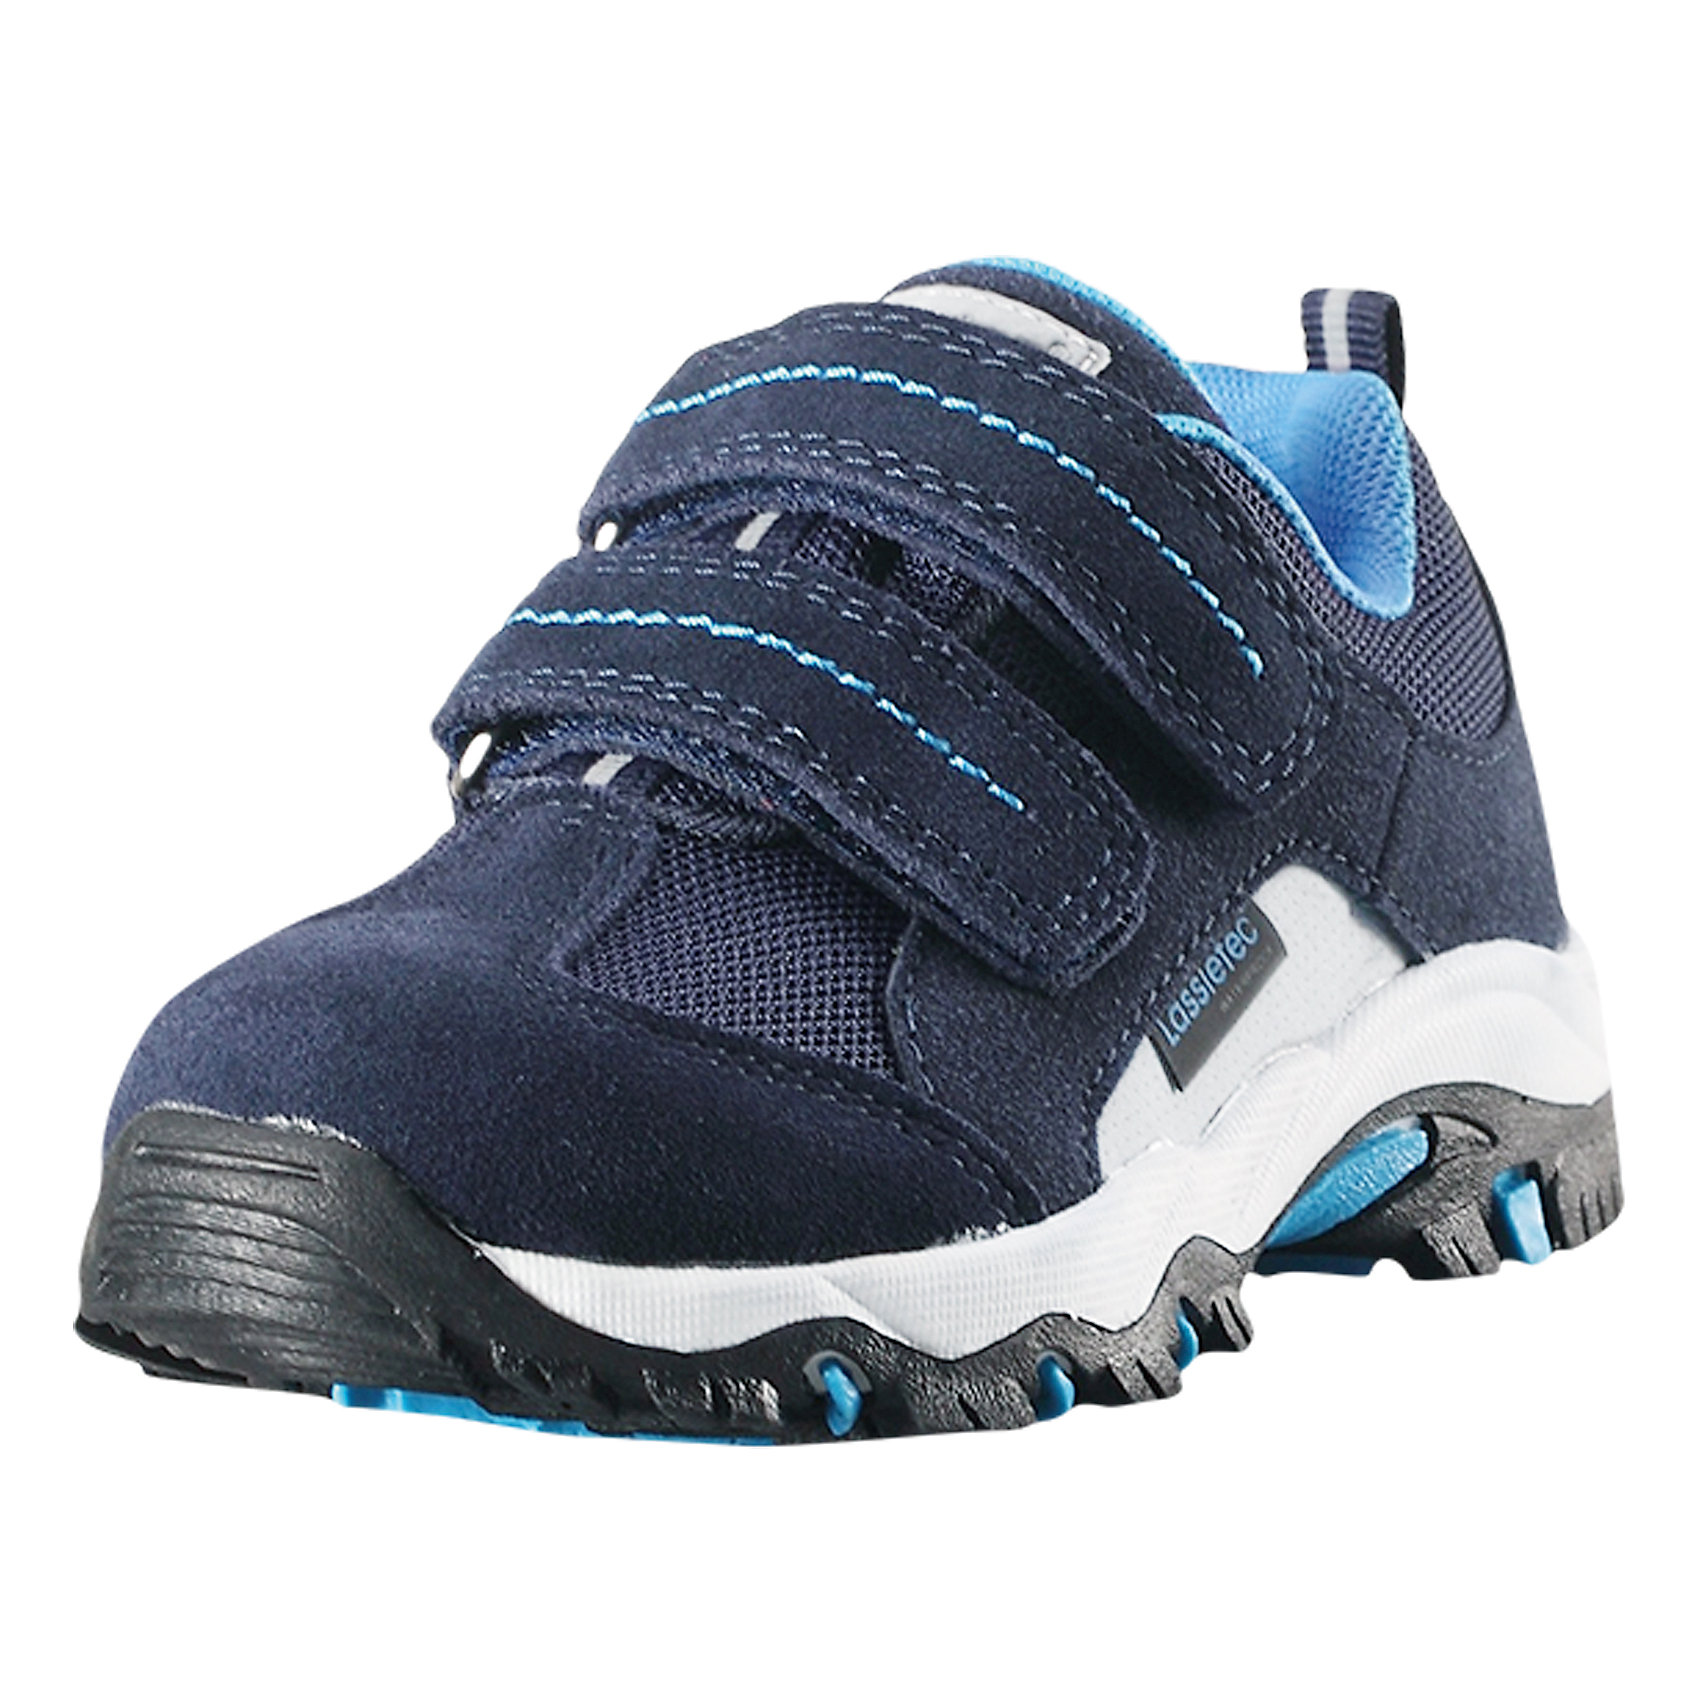 Кроссовки Nemina Lassietec LassieОбувь<br>Детские непромокаемые демисезонные ботинки. Эти легкие и дышащие ботинки для малышей очень практичны, ведь их можно носить с весны и до осени во дворе, в городе или даже в походе. Подошва из термопластичной резины нигде не будет скользить. Снабжены съемными стельками, мягкой текстильной подкладкой и светоотражающими элементами. Благодаря двум удобным ремешкам на липучке, малыши смогут надеть эти ботинки сами и за минуту будут готовы к прогулке.<br>Состав:<br>Подошва: Термопластичная резина Верх: Полиэстер/Полиуретан/Кожа<br><br>Ширина мм: 250<br>Глубина мм: 150<br>Высота мм: 150<br>Вес г: 250<br>Цвет: синий<br>Возраст от месяцев: 96<br>Возраст до месяцев: 108<br>Пол: Унисекс<br>Возраст: Детский<br>Размер: 35,22,23,24,25,26,27,28,29,30,31,32,33,34<br>SKU: 6901000